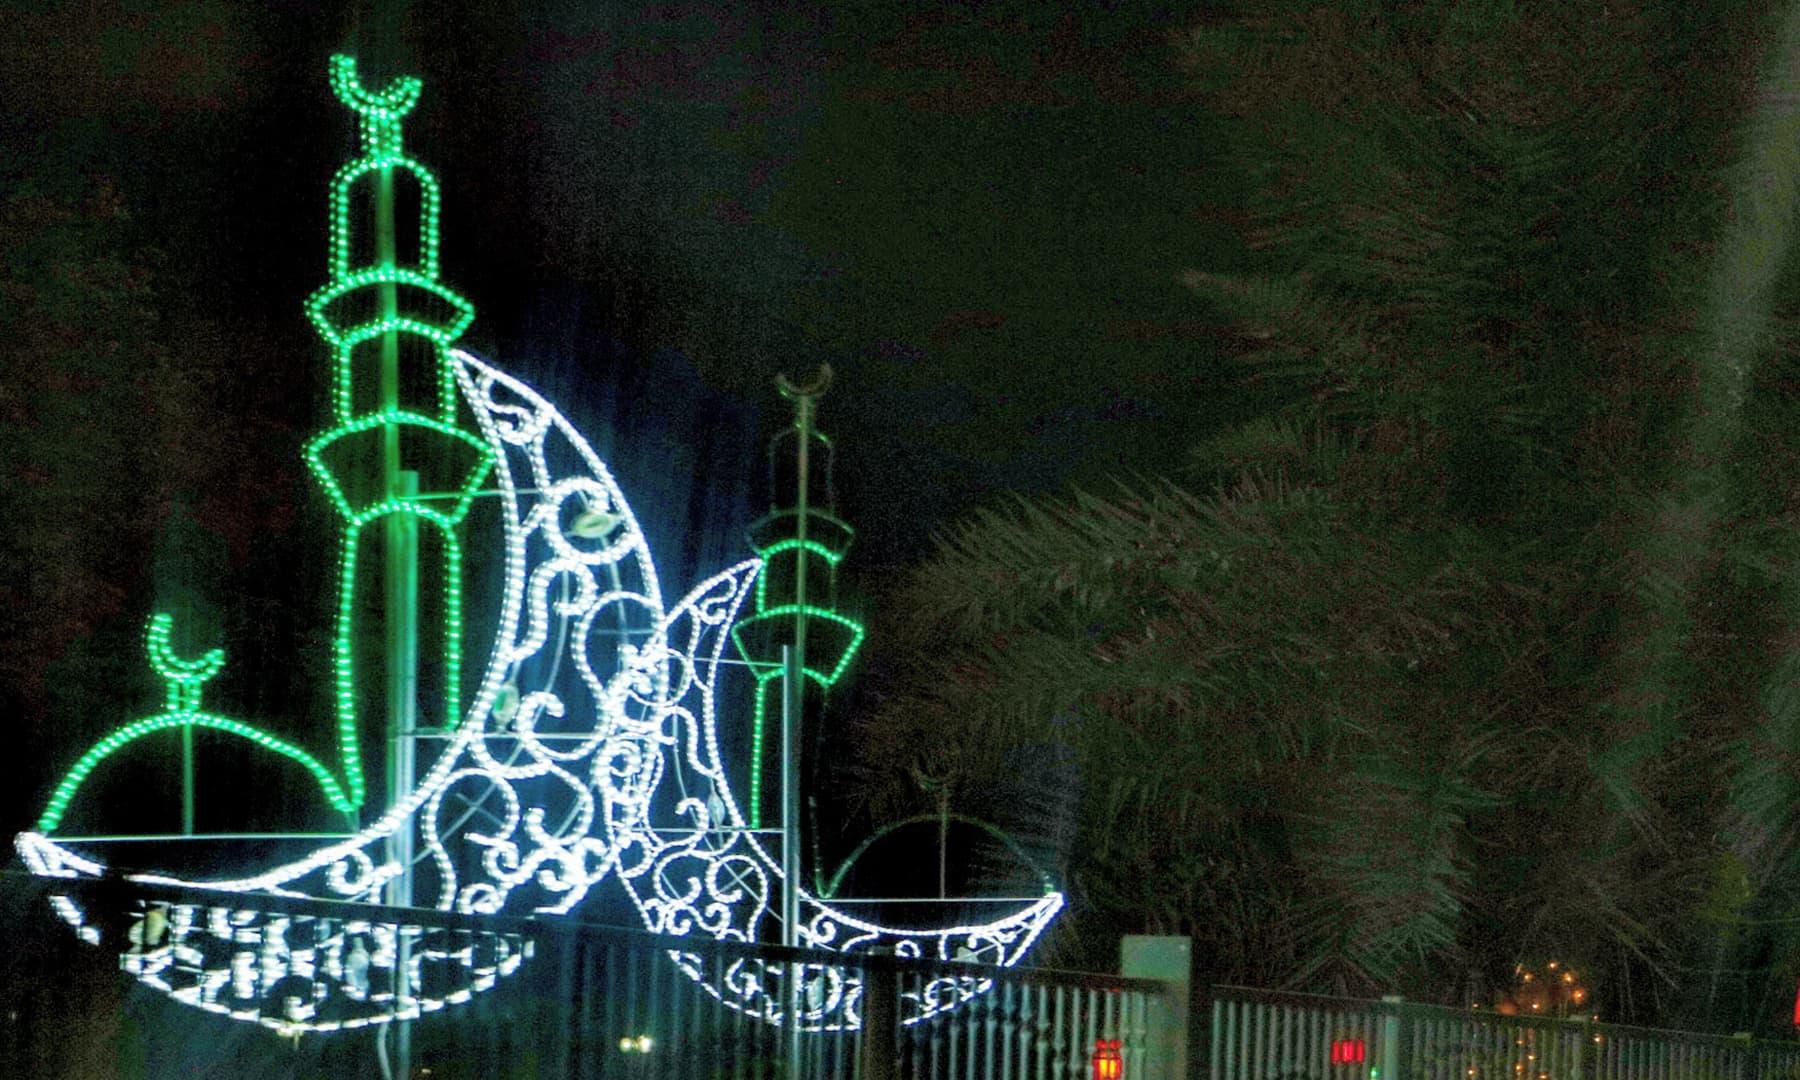 ابو ظہبی میں رمضان کی آمد پر چراغاں — تصویر صوفیہ کاشف